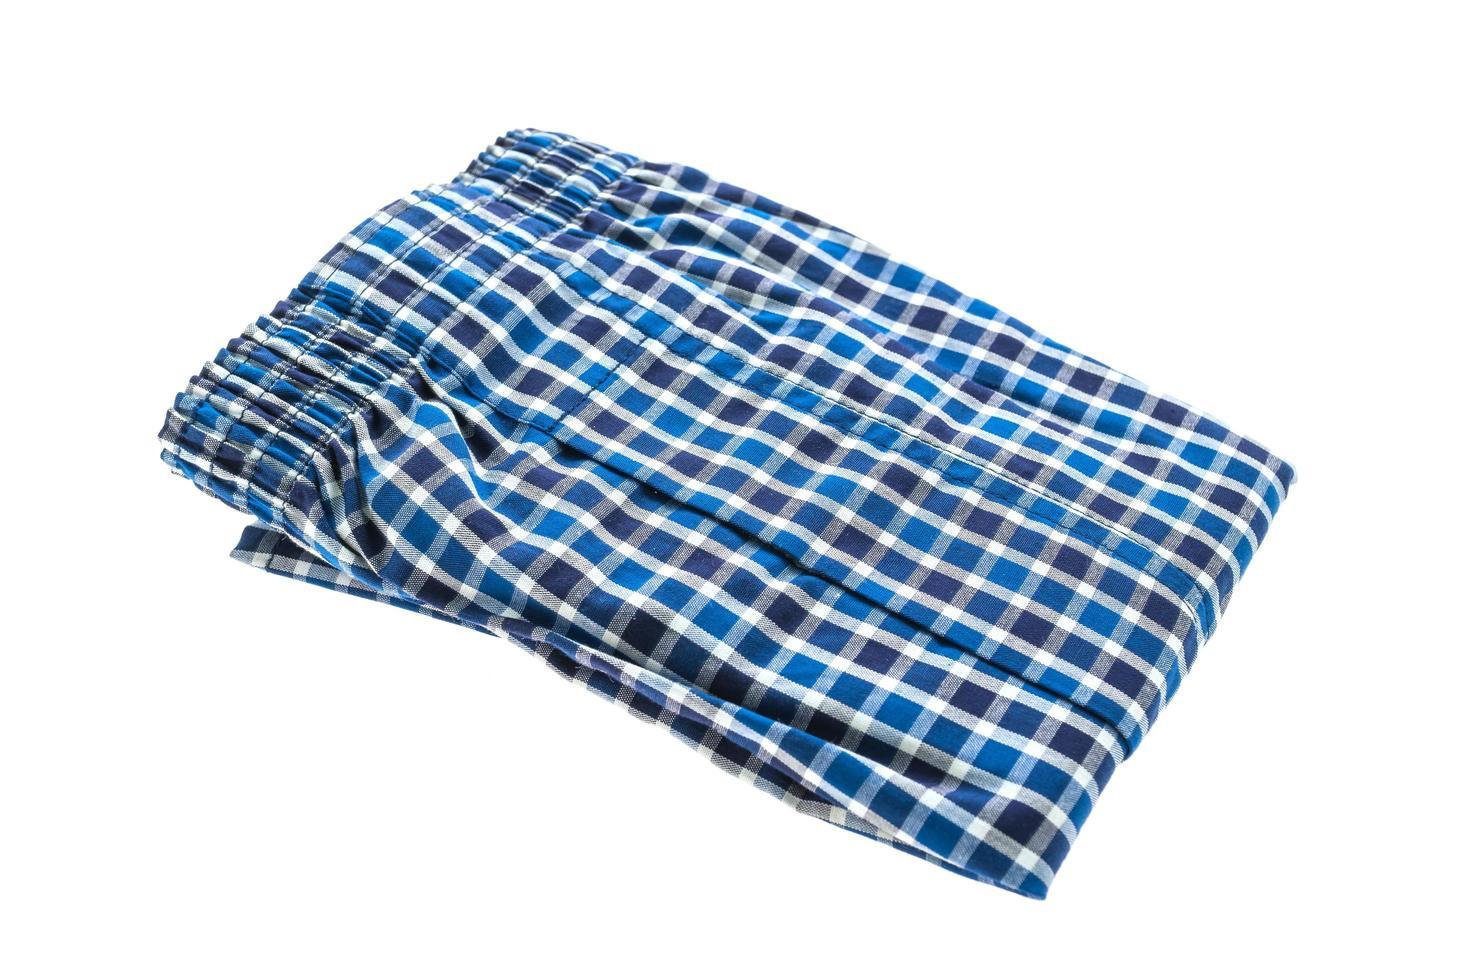 ropa interior corta y calzoncillo para hombre foto